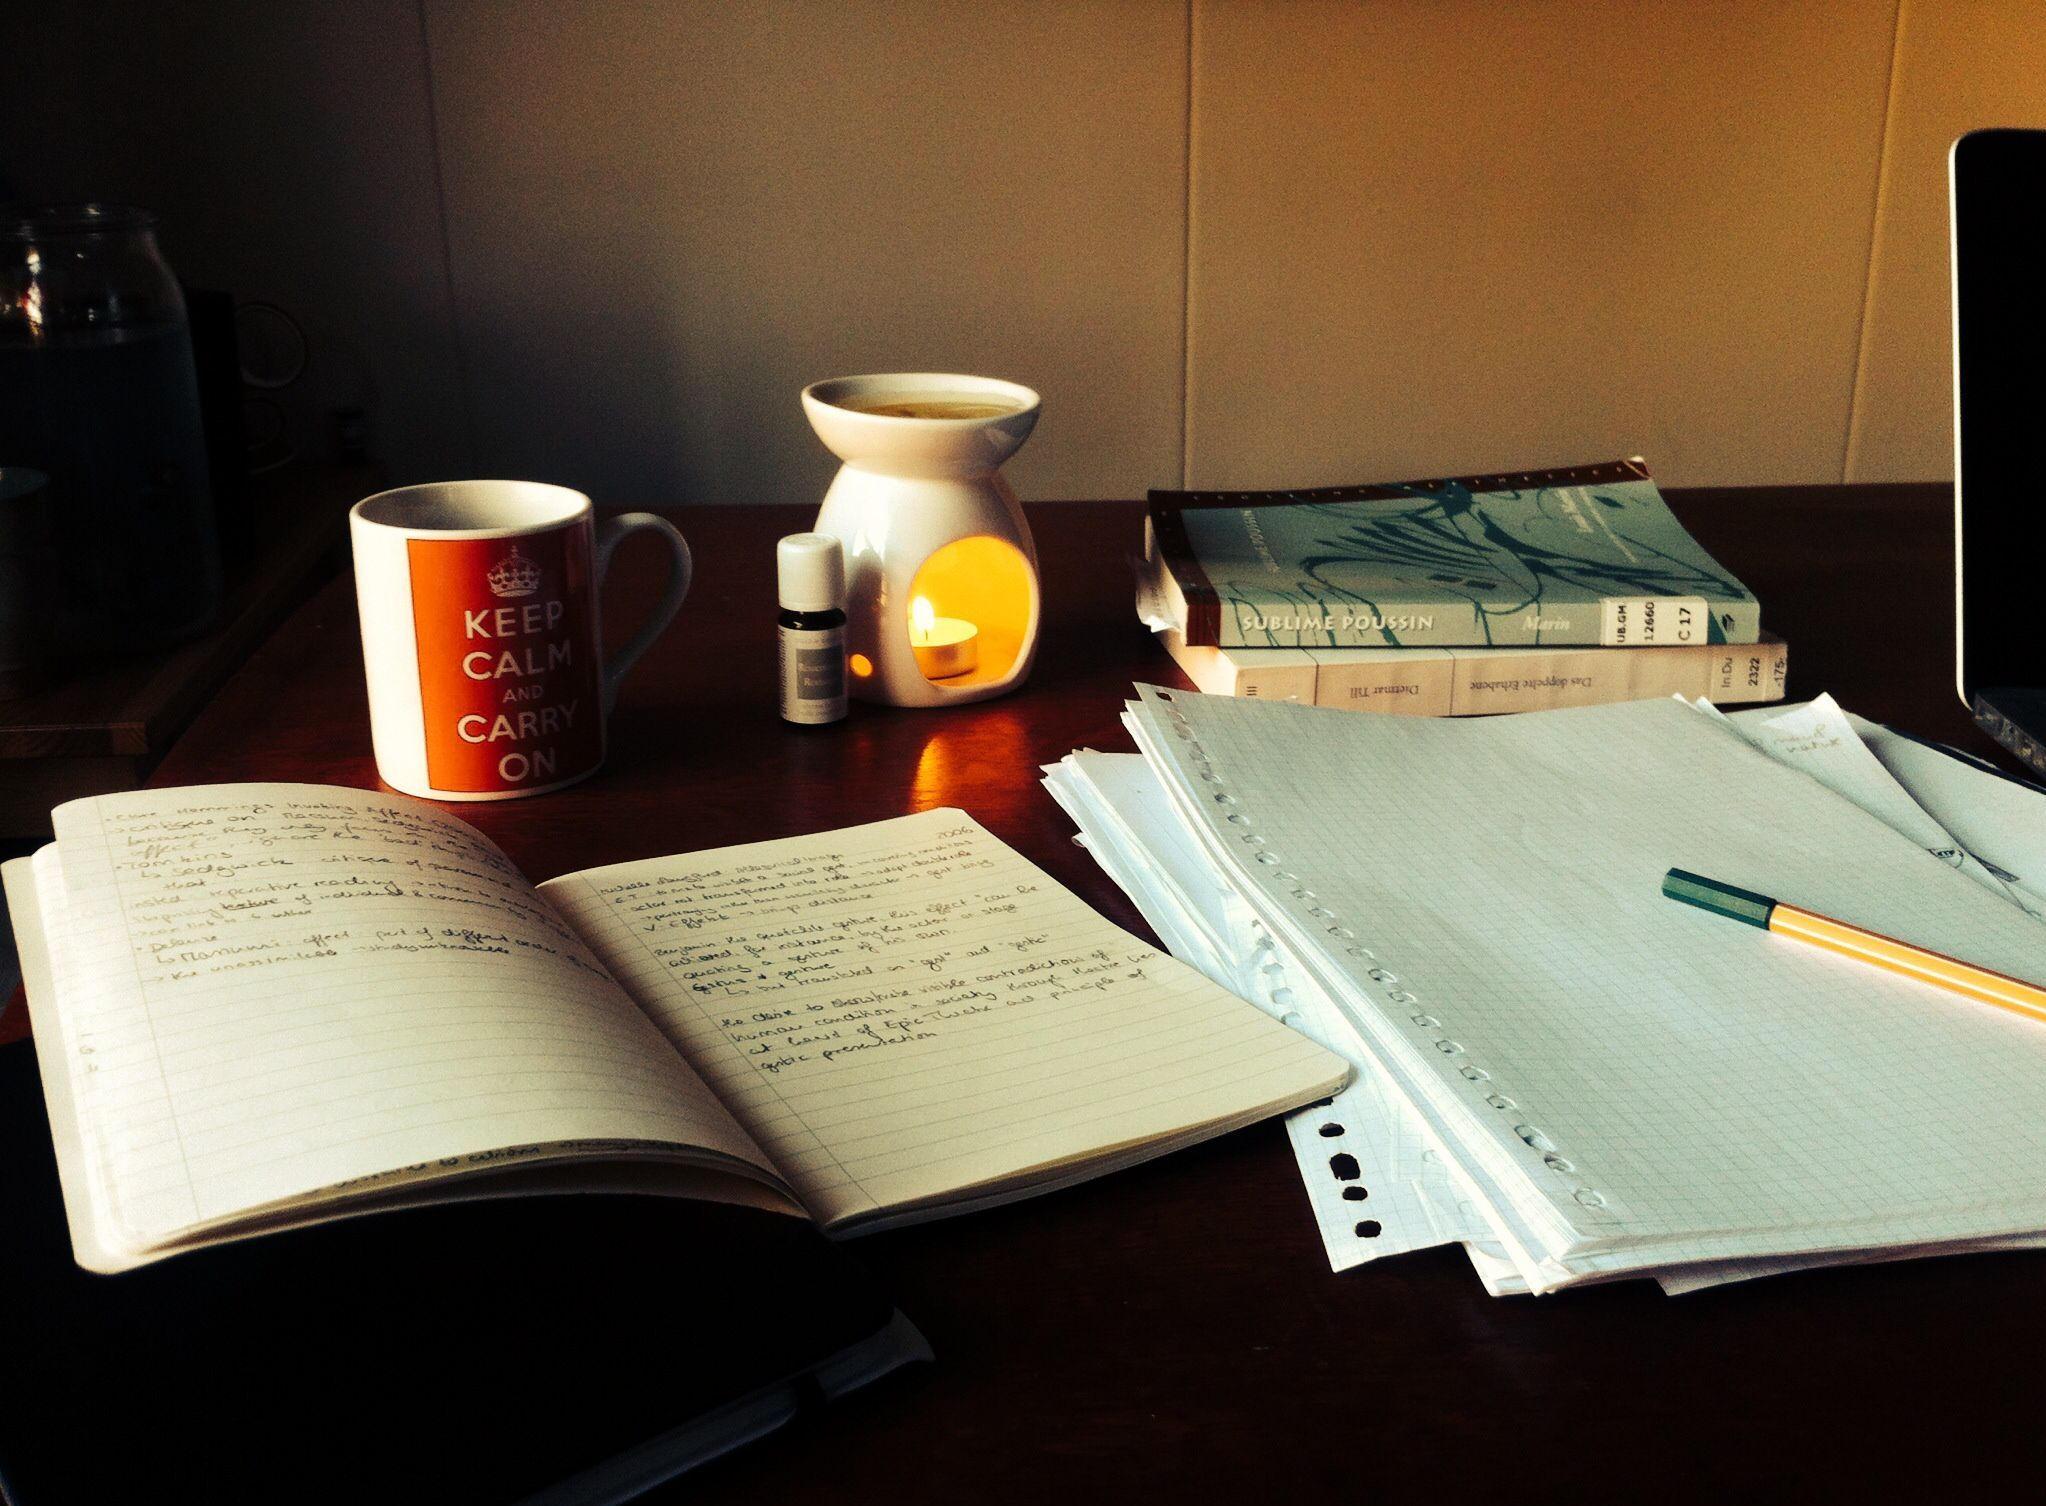 راهکاری جدید و متفاوت برای آنکه مطالب درسی را به خاطر بسپارید